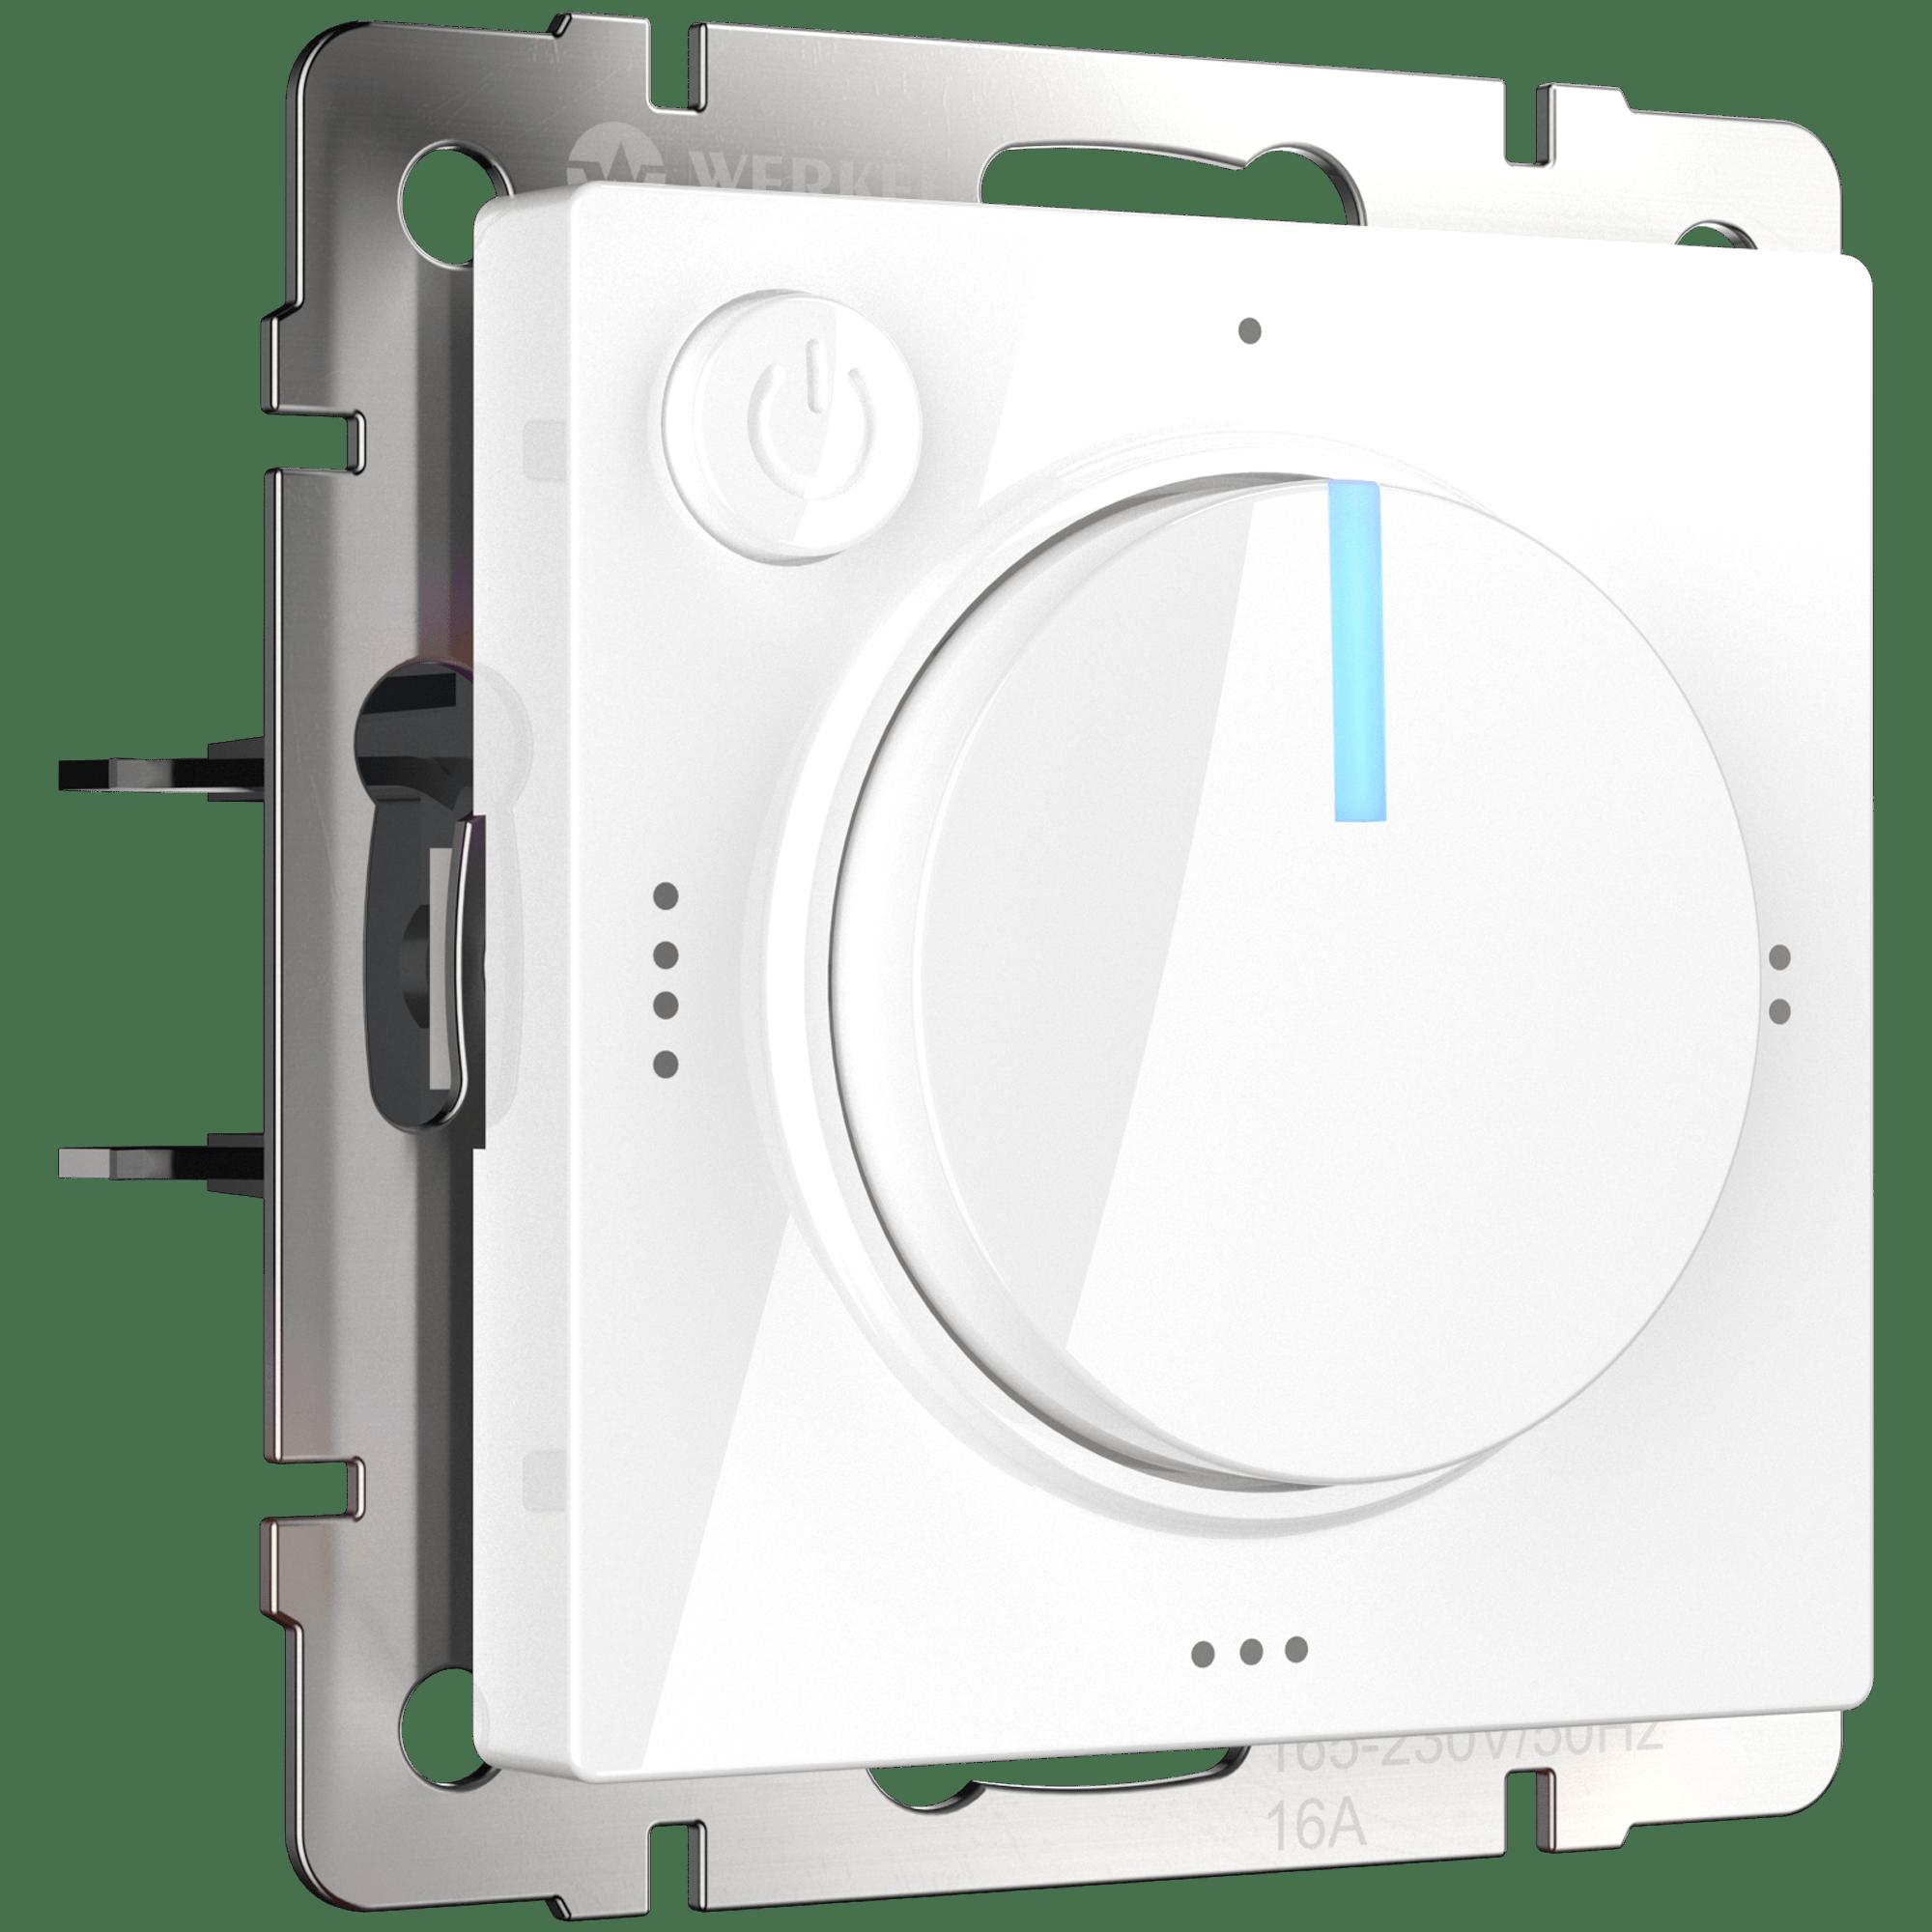 WL01-40-01/ Терморегулятор электромеханический для теплого пола (белый)